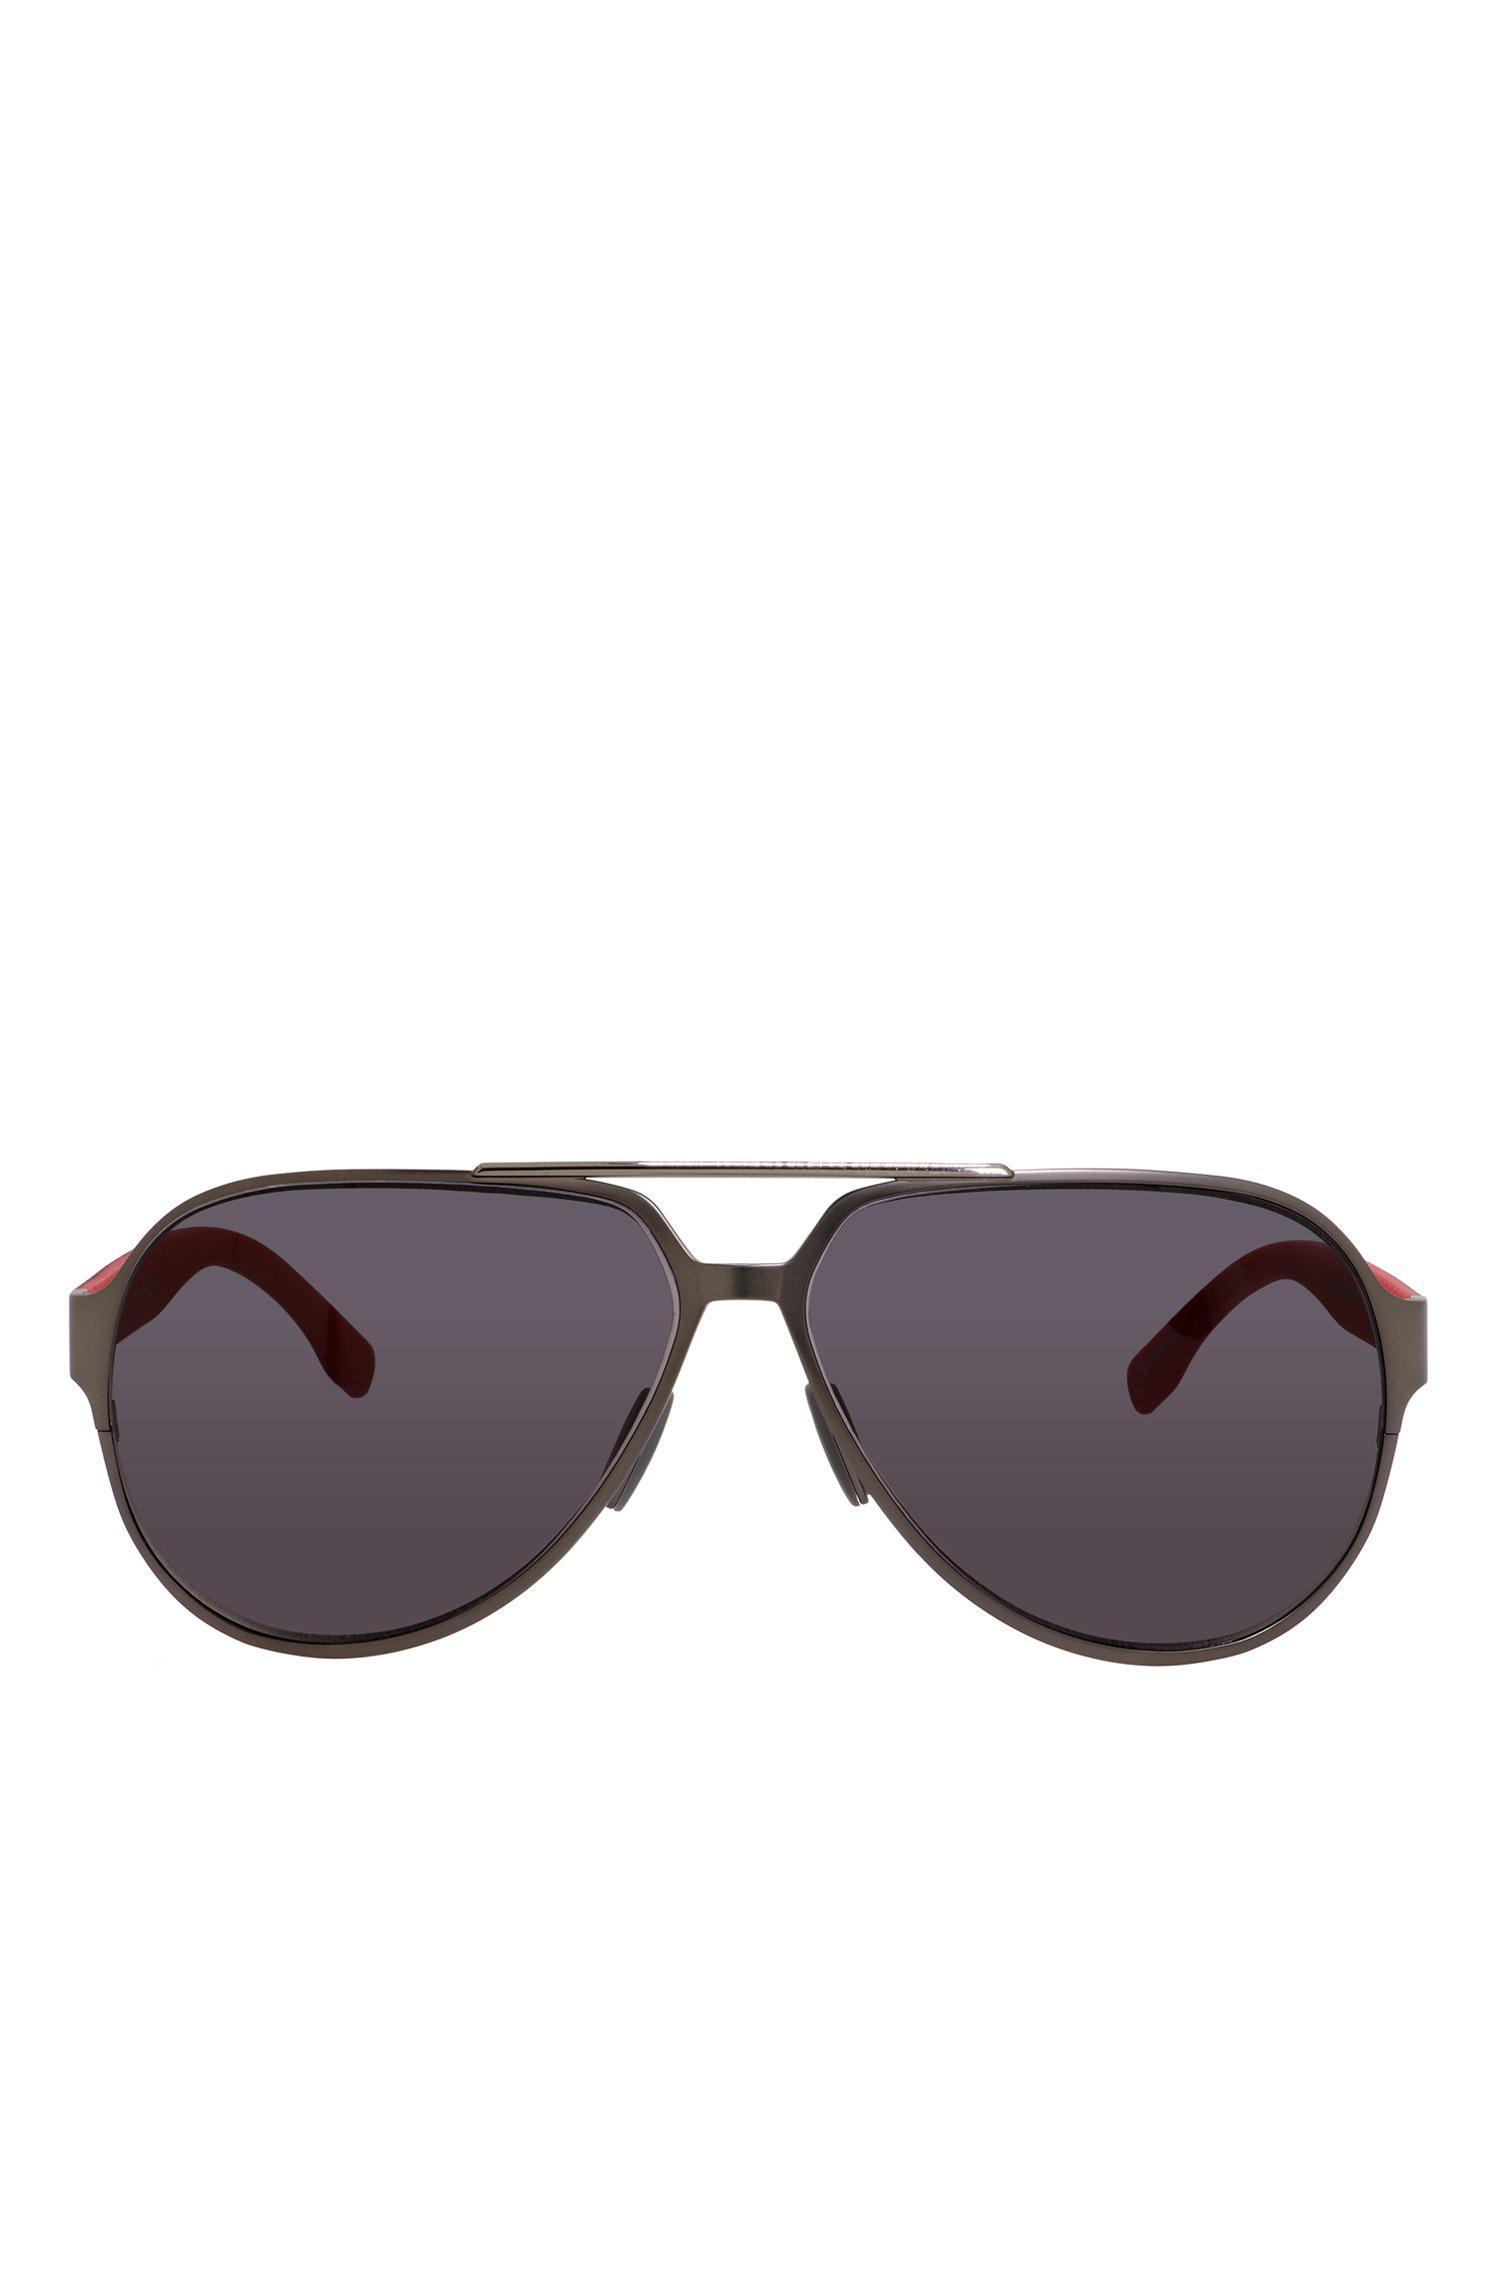 7b7114913288 Lyst - BOSS Black Lens Carbon Fiber Aviator Sunglasses | 0669s in ...